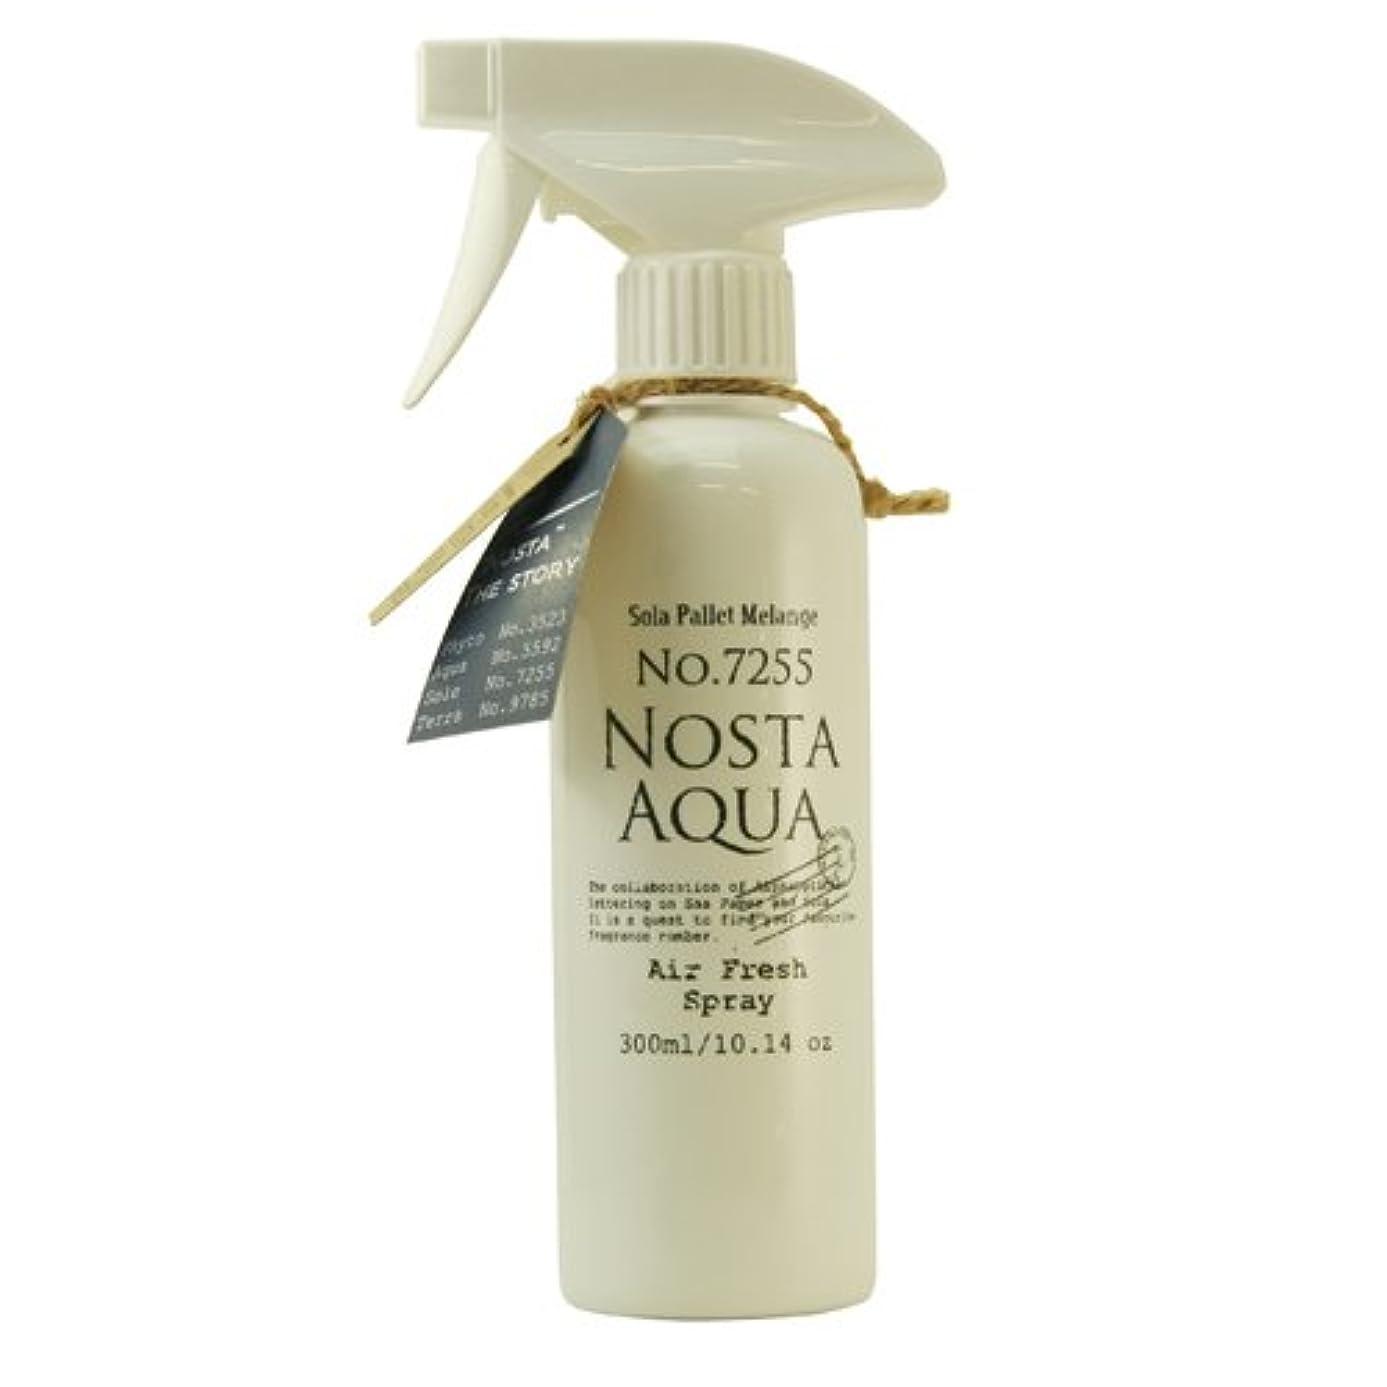 経営者つかまえる義務的Nosta ノスタ Air Fresh Spray エアーフレッシュスプレー(ルームスプレー)Aqua アクア / 生命の起源